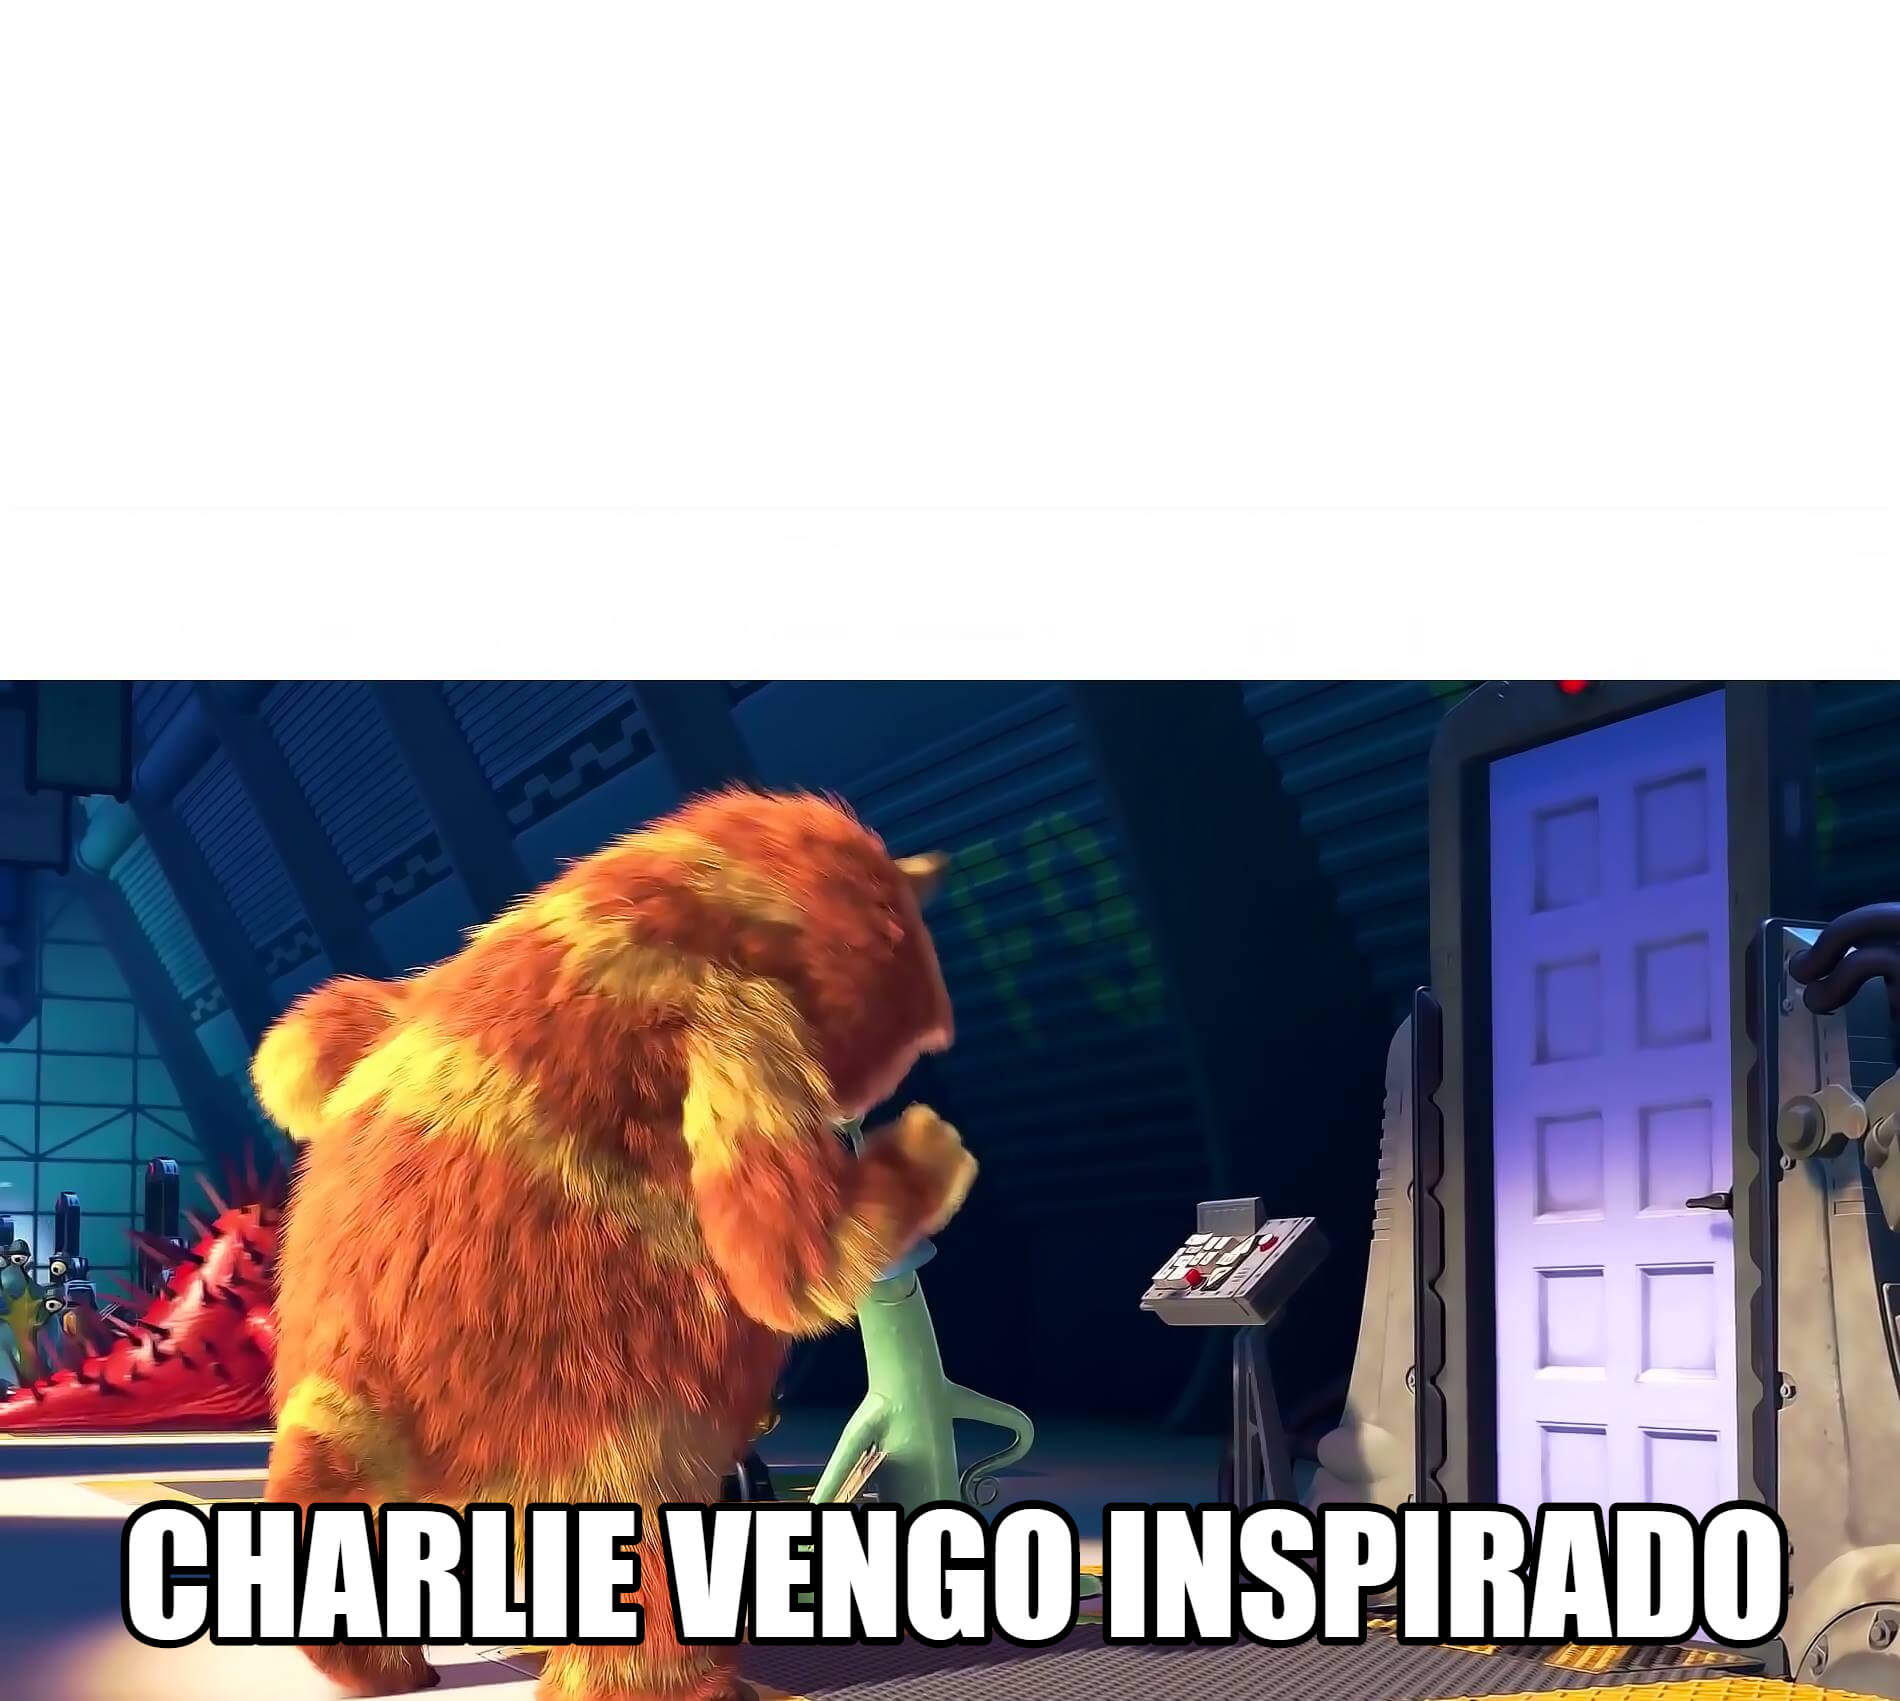 Ir a la pagina de la plantilla Charlie vengo inspirado.